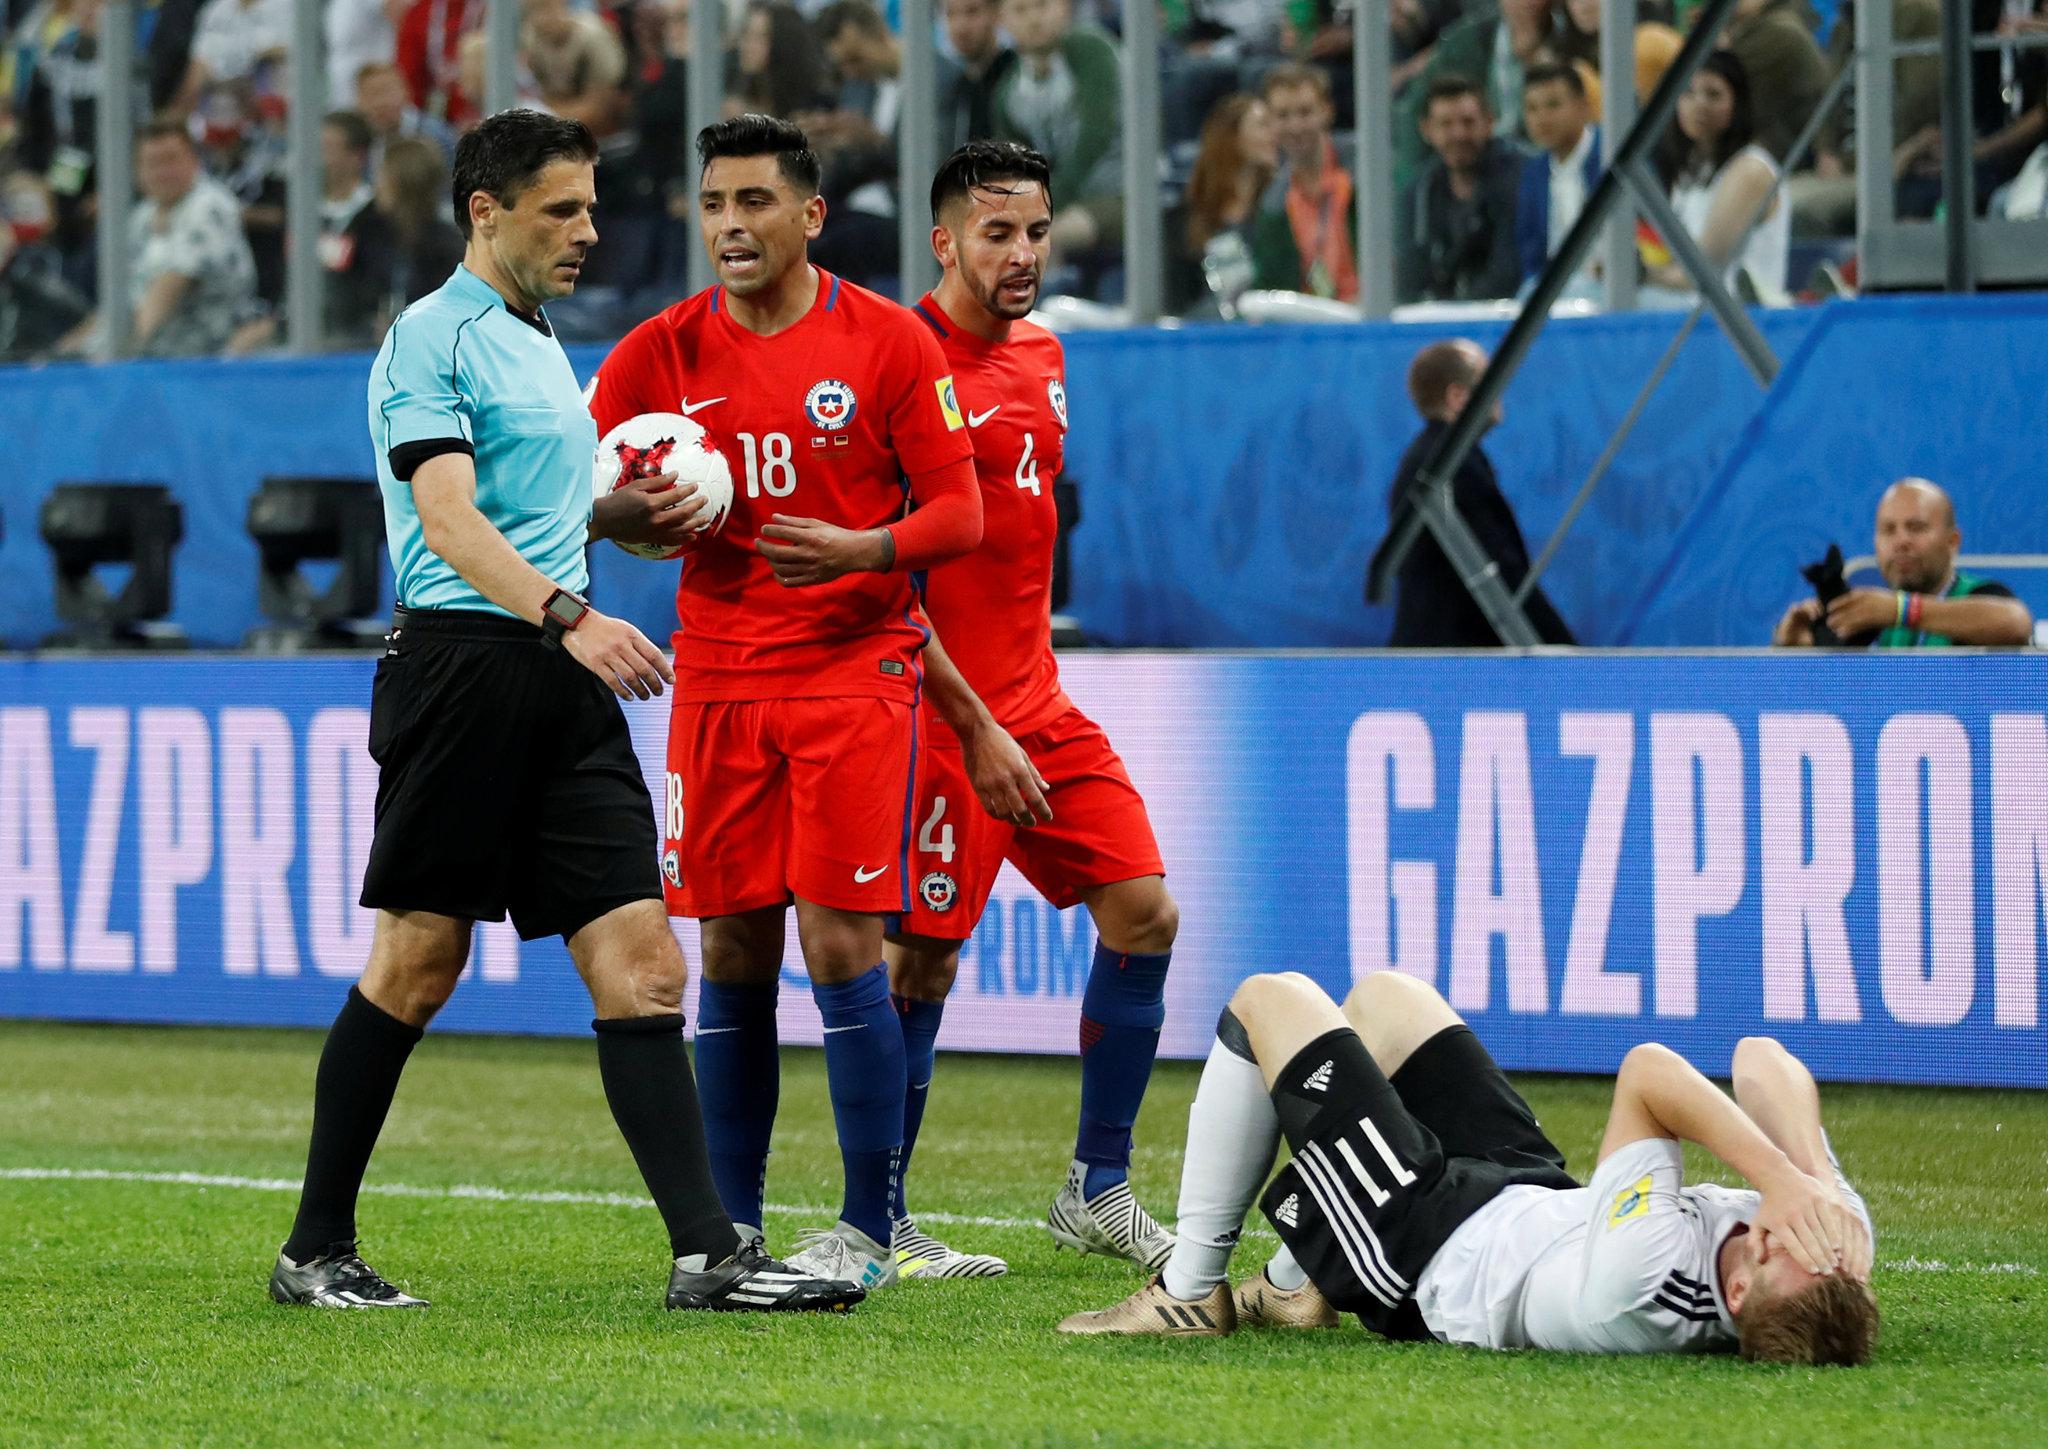 Timo Werner en el suelo, tras codazo de Jara. El árbitro no expulsó.